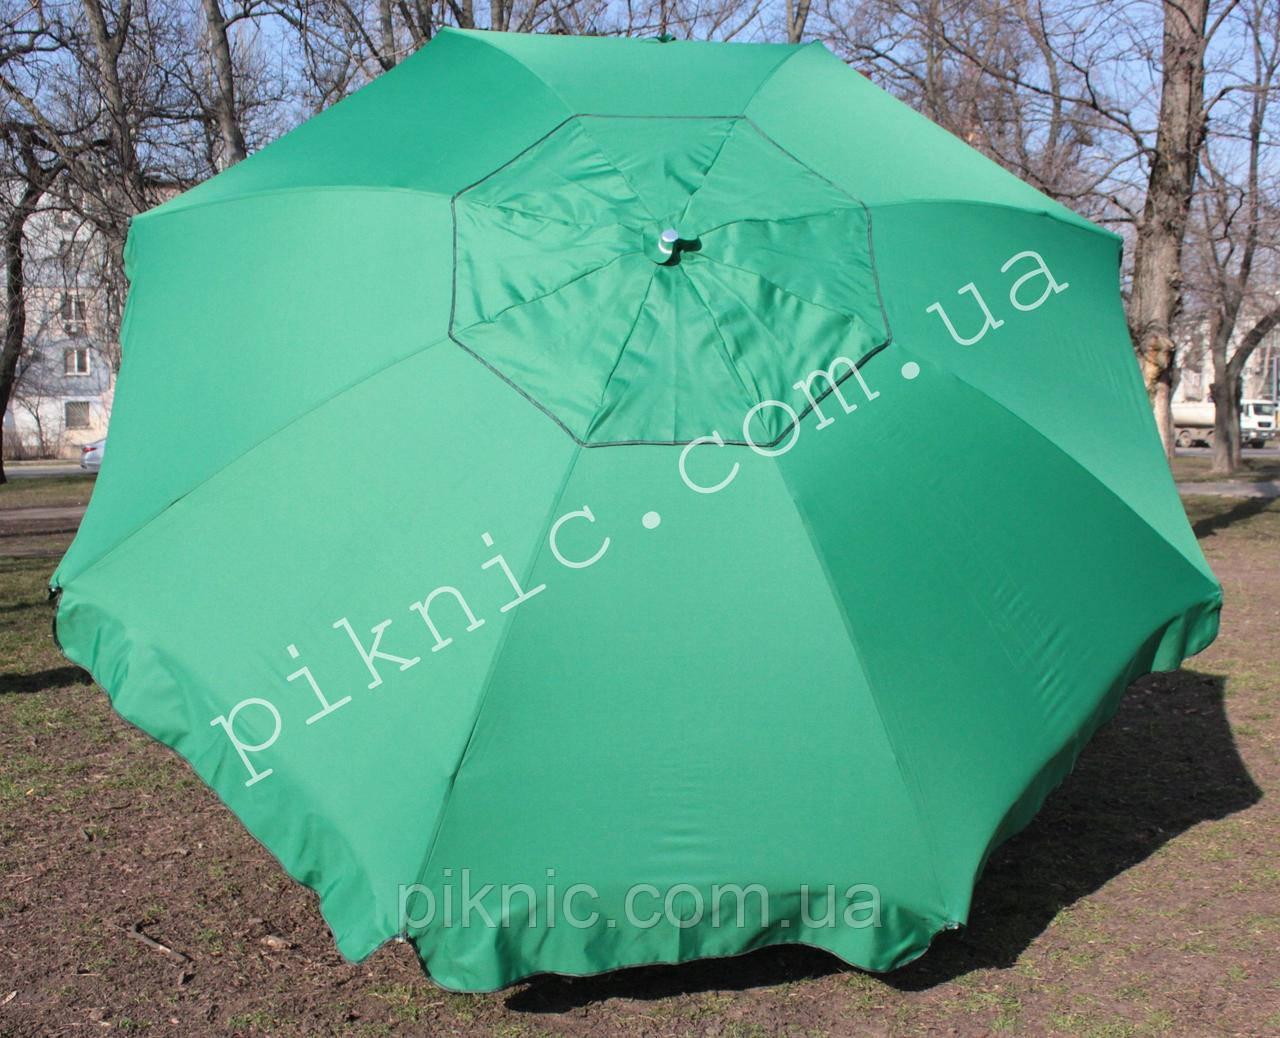 Большой зонт 3,5м круглый, торговый с клапаном. Усиленный, садовый. Плотная ткань. Зонт для торговли на улице!